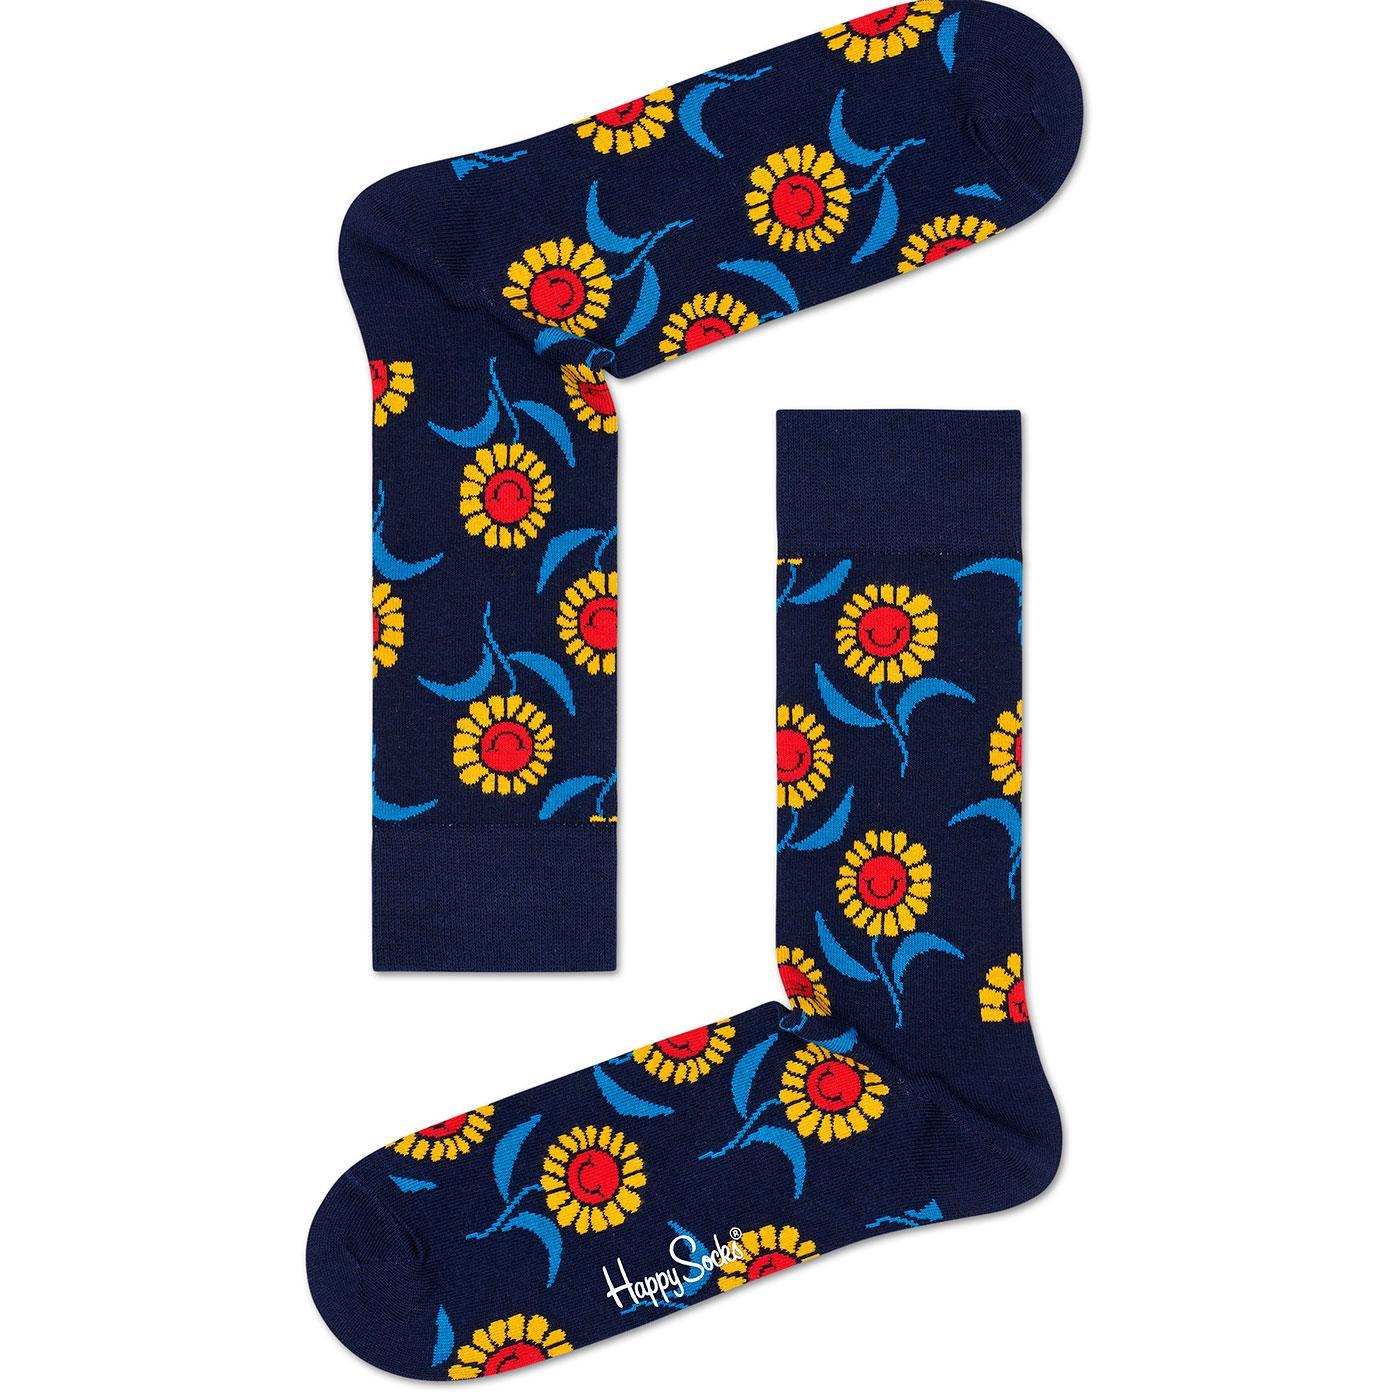 + HAPPY SOCKS Retro 60s Smiling Sunflower Socks